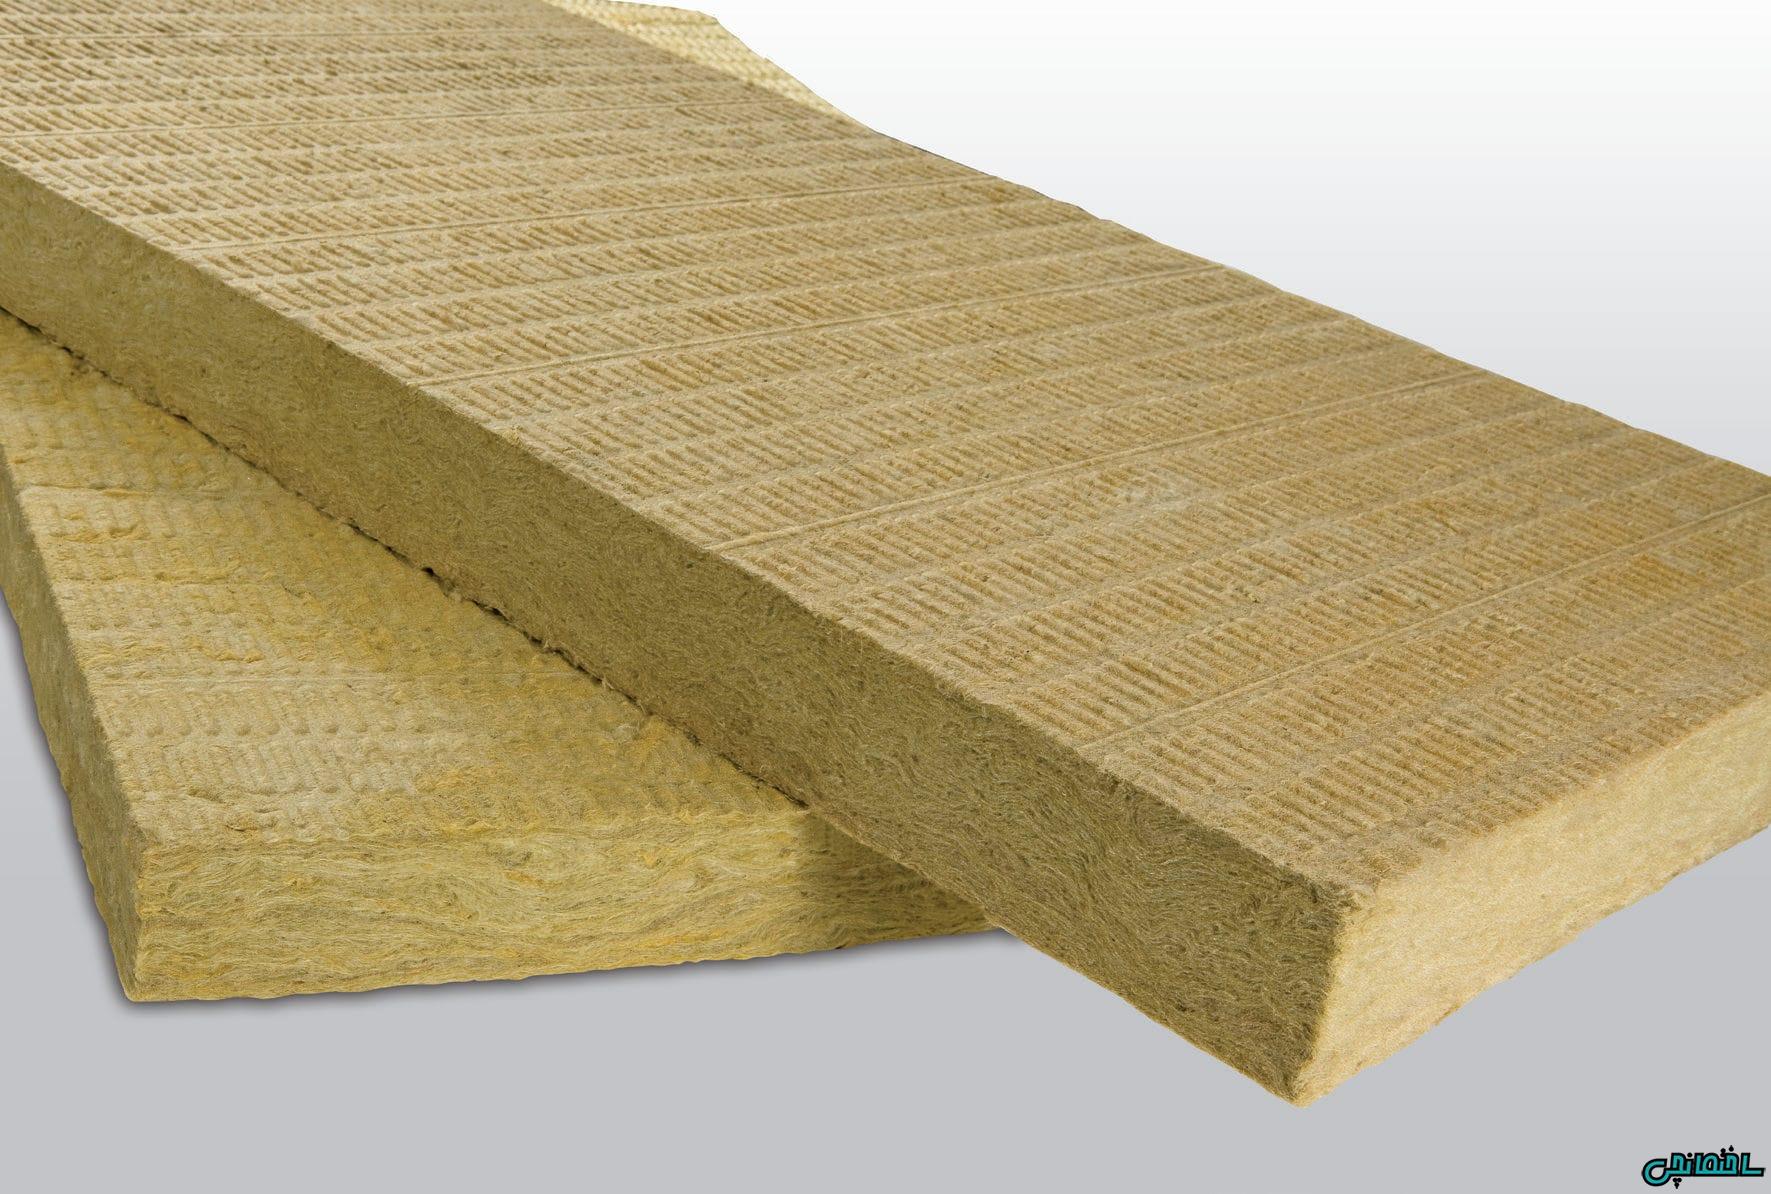 %عکس - لیست شرکت های تولید کننده عایق پشم سنگ